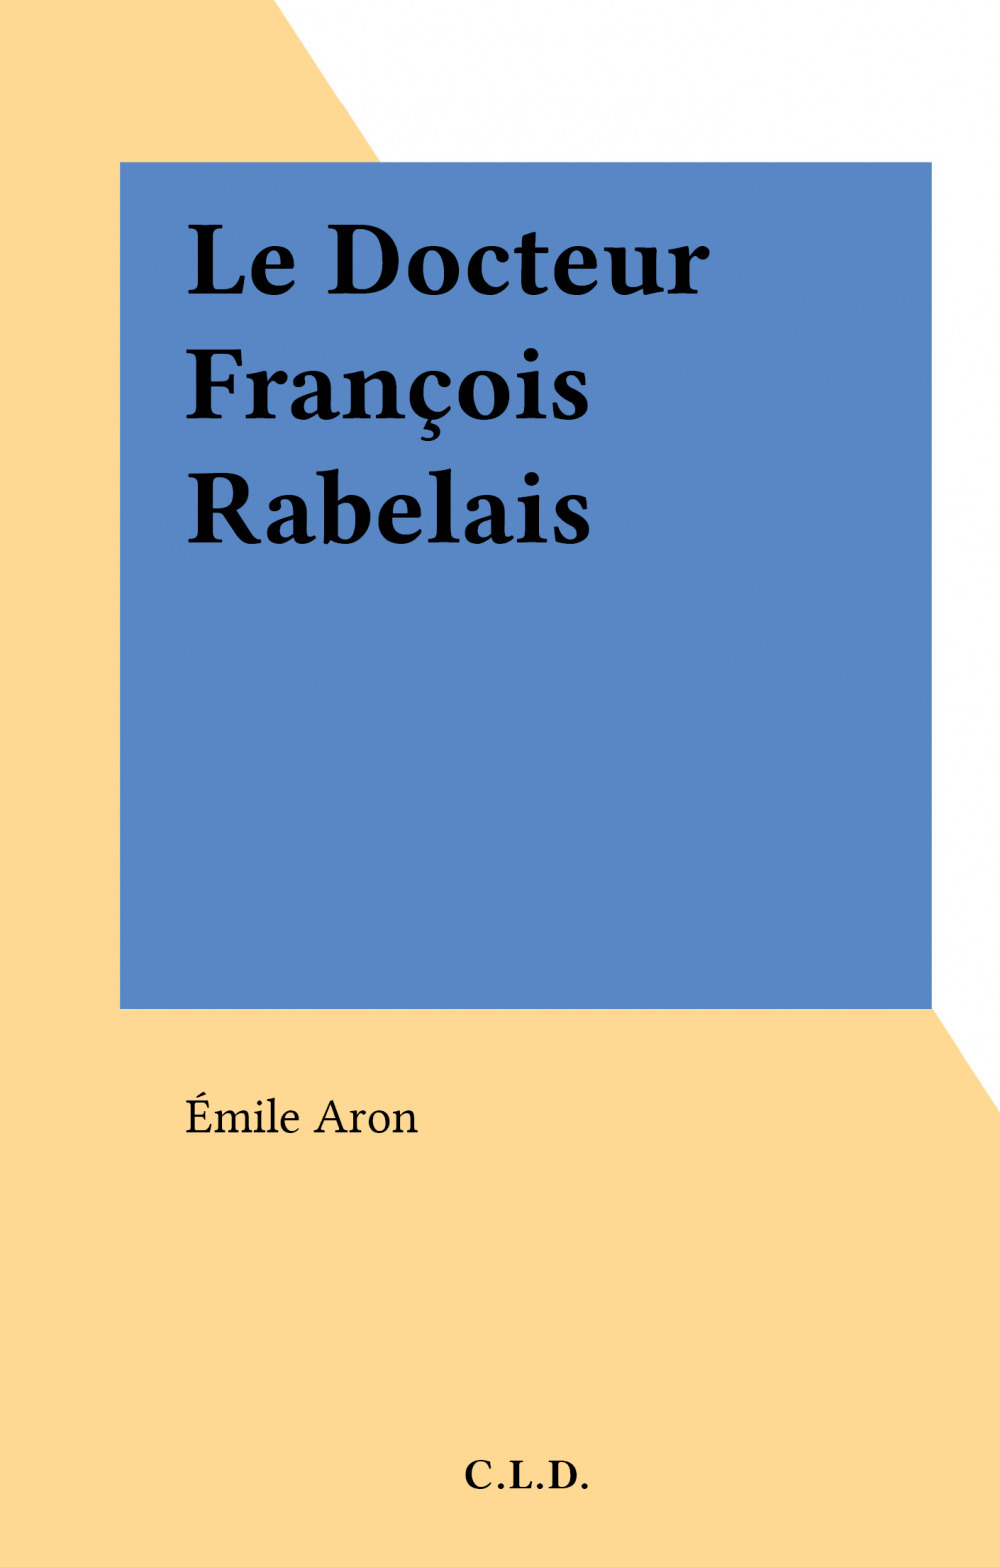 Le Docteur François Rabelais